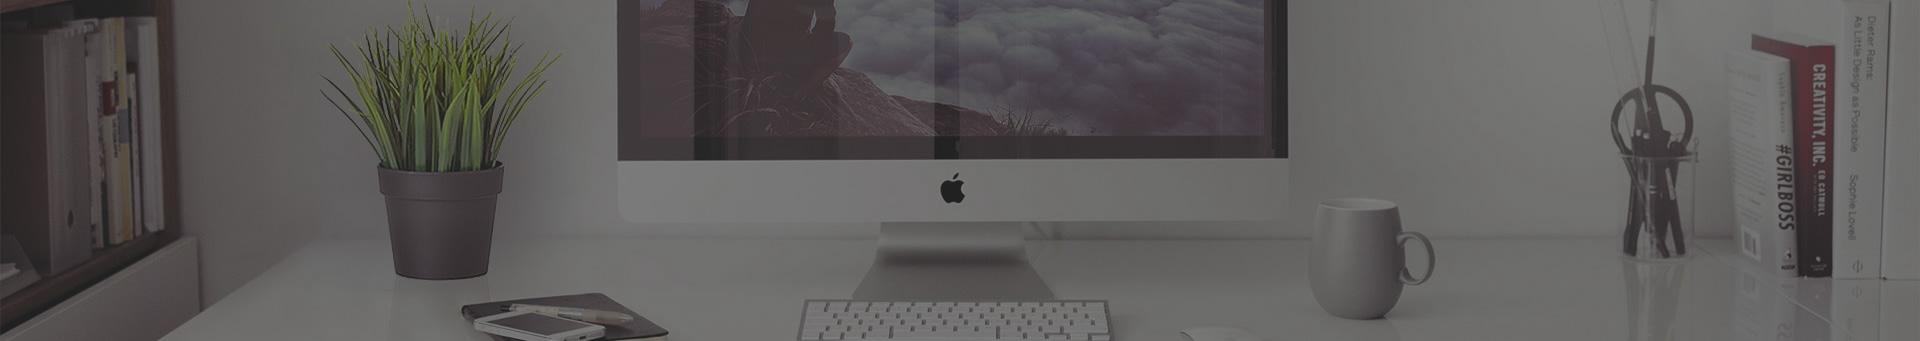 Galería de fotos, videos y portfolio